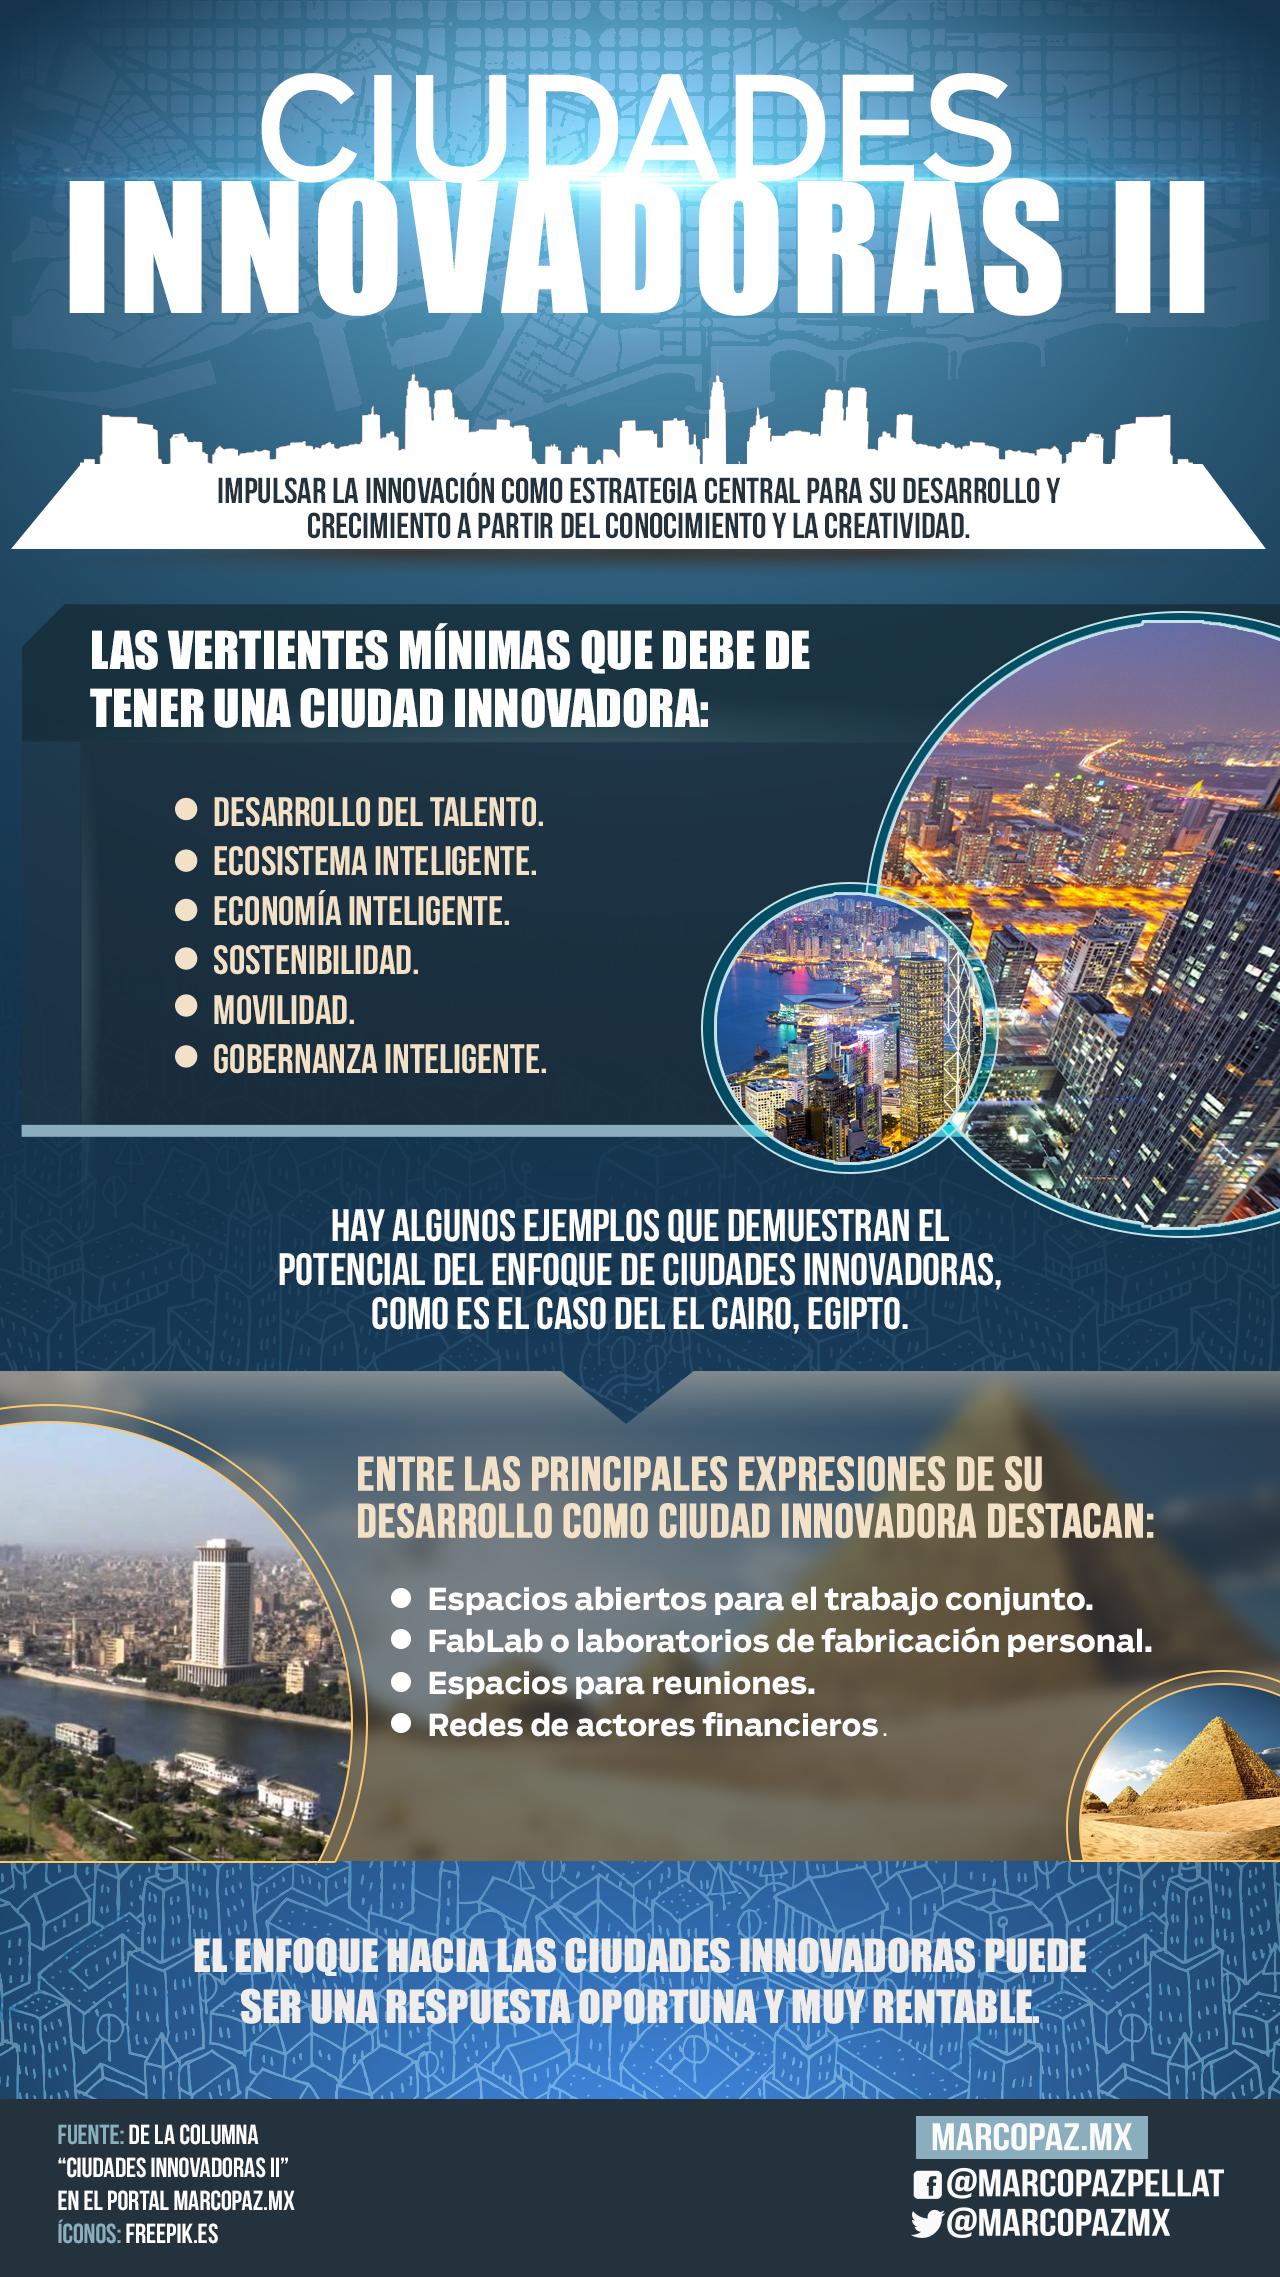 026_INFOGRAFIA_Ciudades innovadoras 2 copy